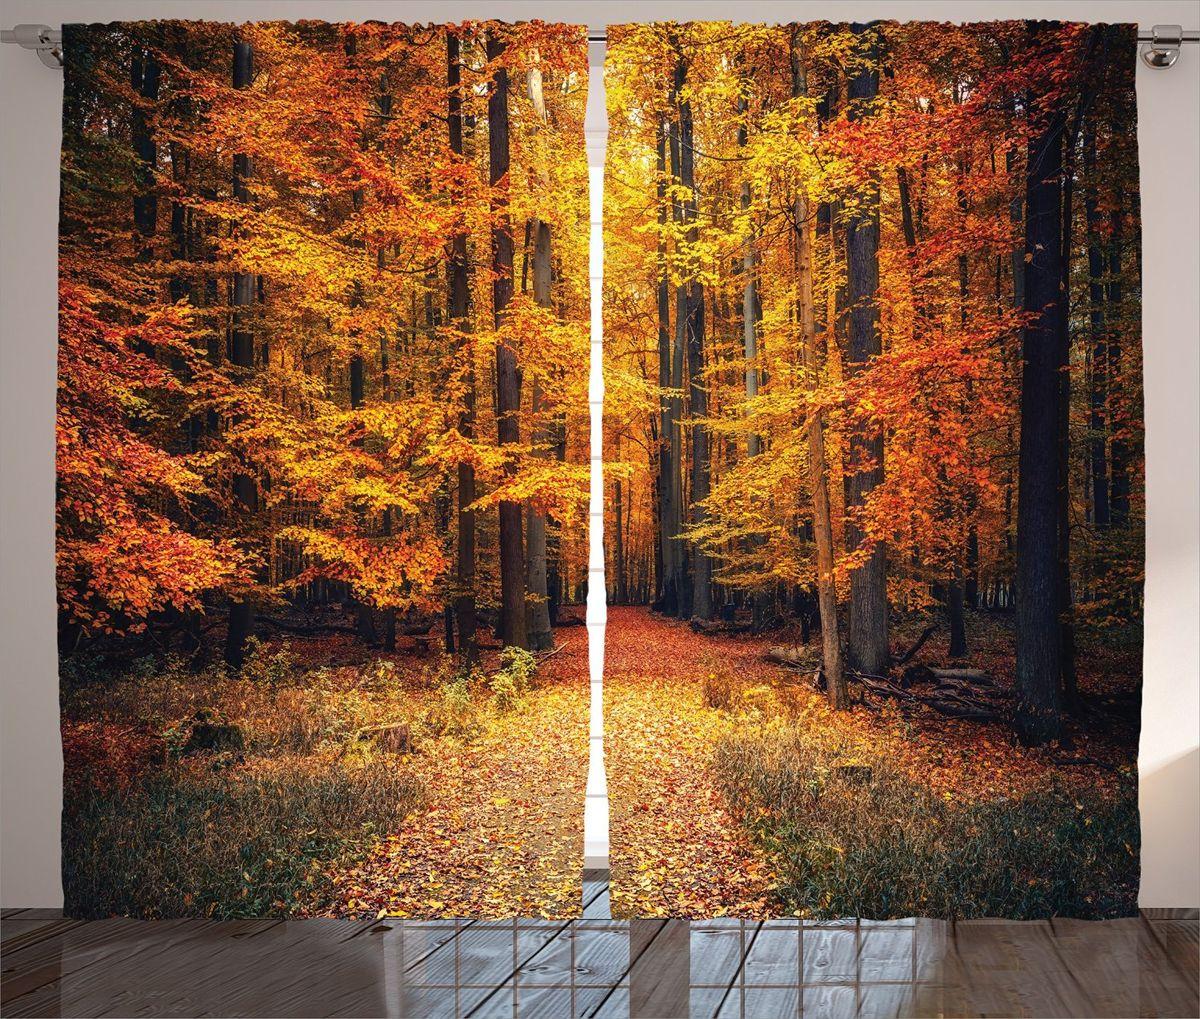 Комплект фотоштор Magic Lady Оранжевая осень в парке, на ленте, высота 265 см фотошторы magic lady плотные фотошторы две хамсы 290 265 см